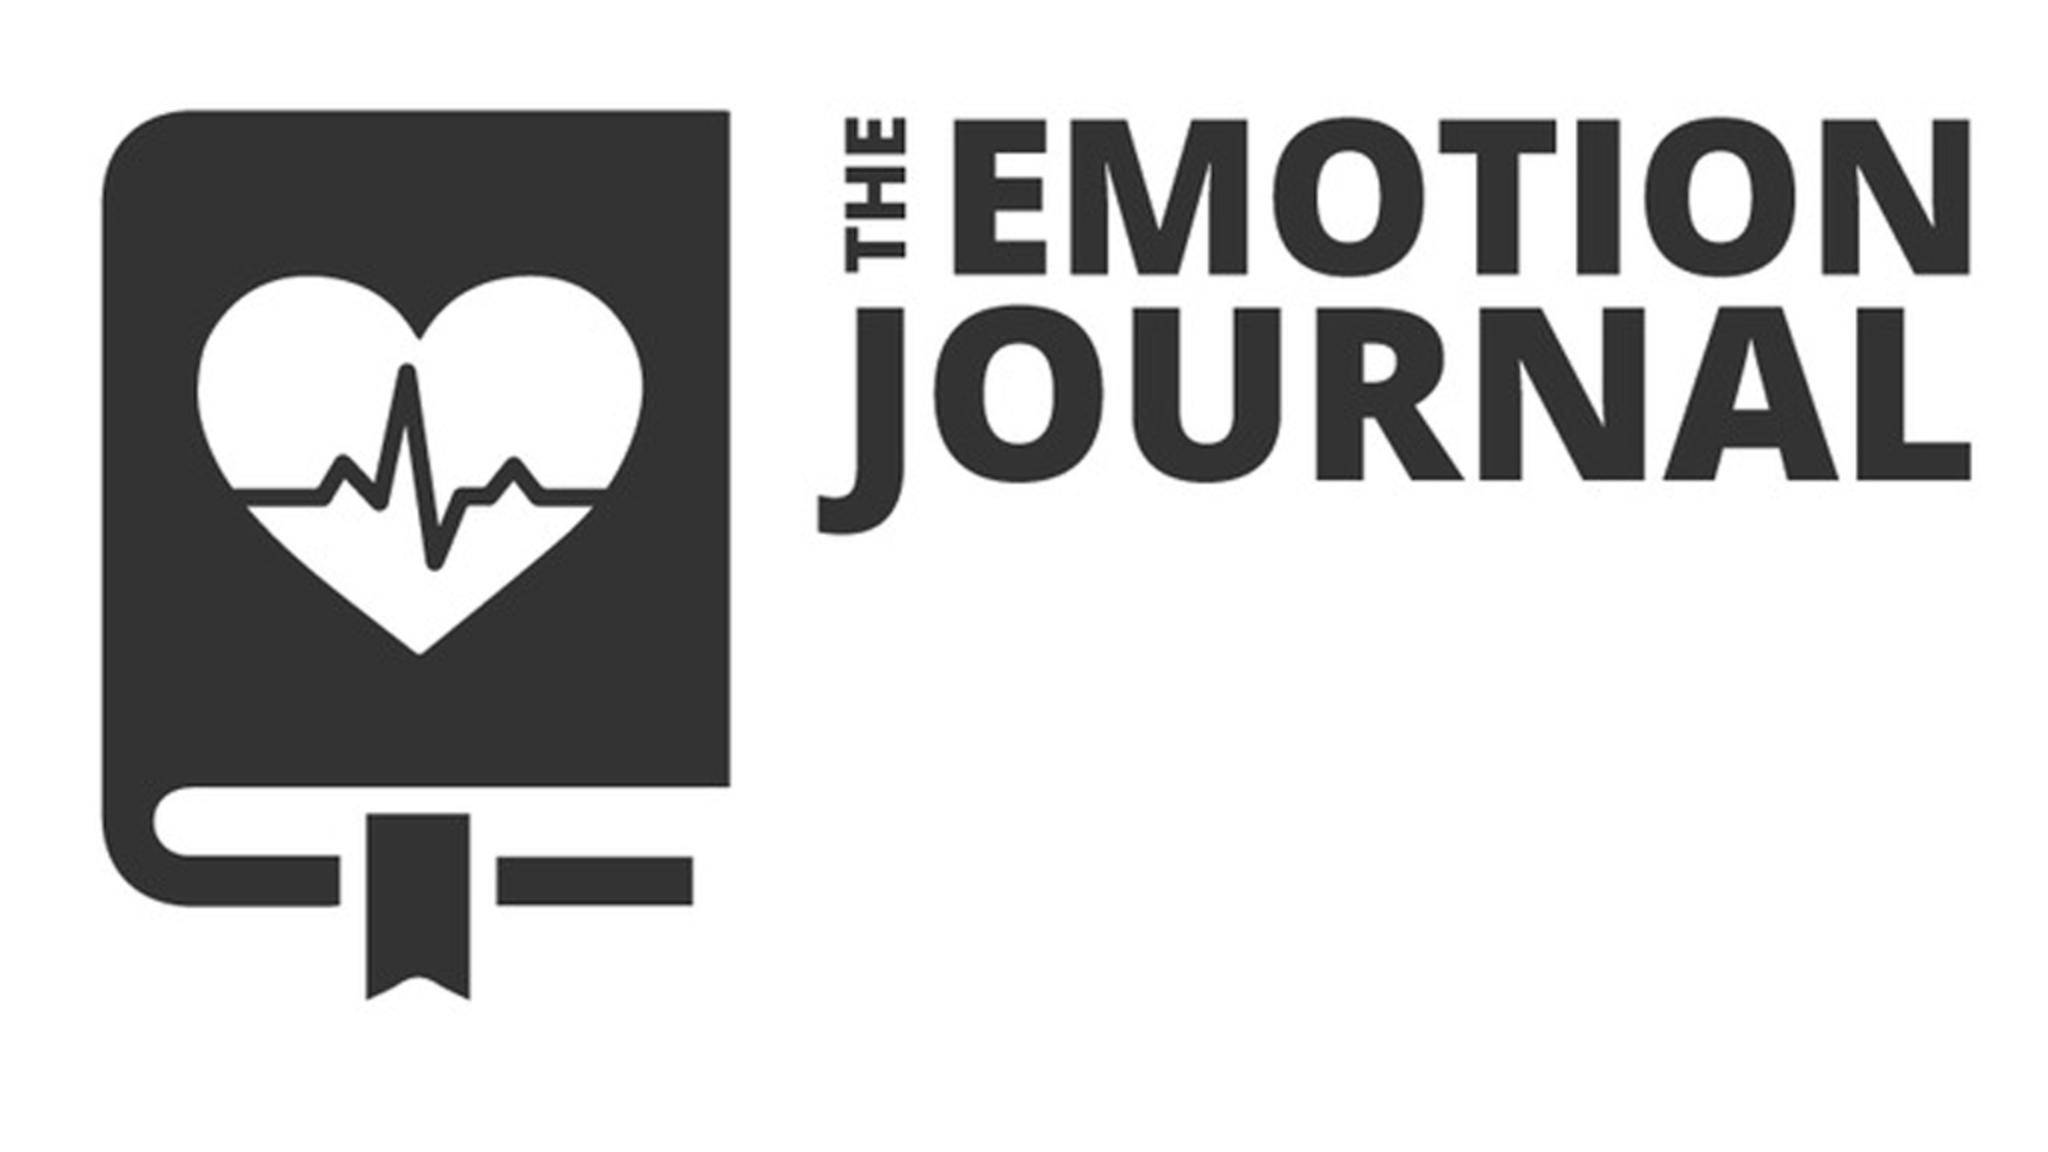 The Emotion Journal ist ein Online-Tagebuch, das zuhört.